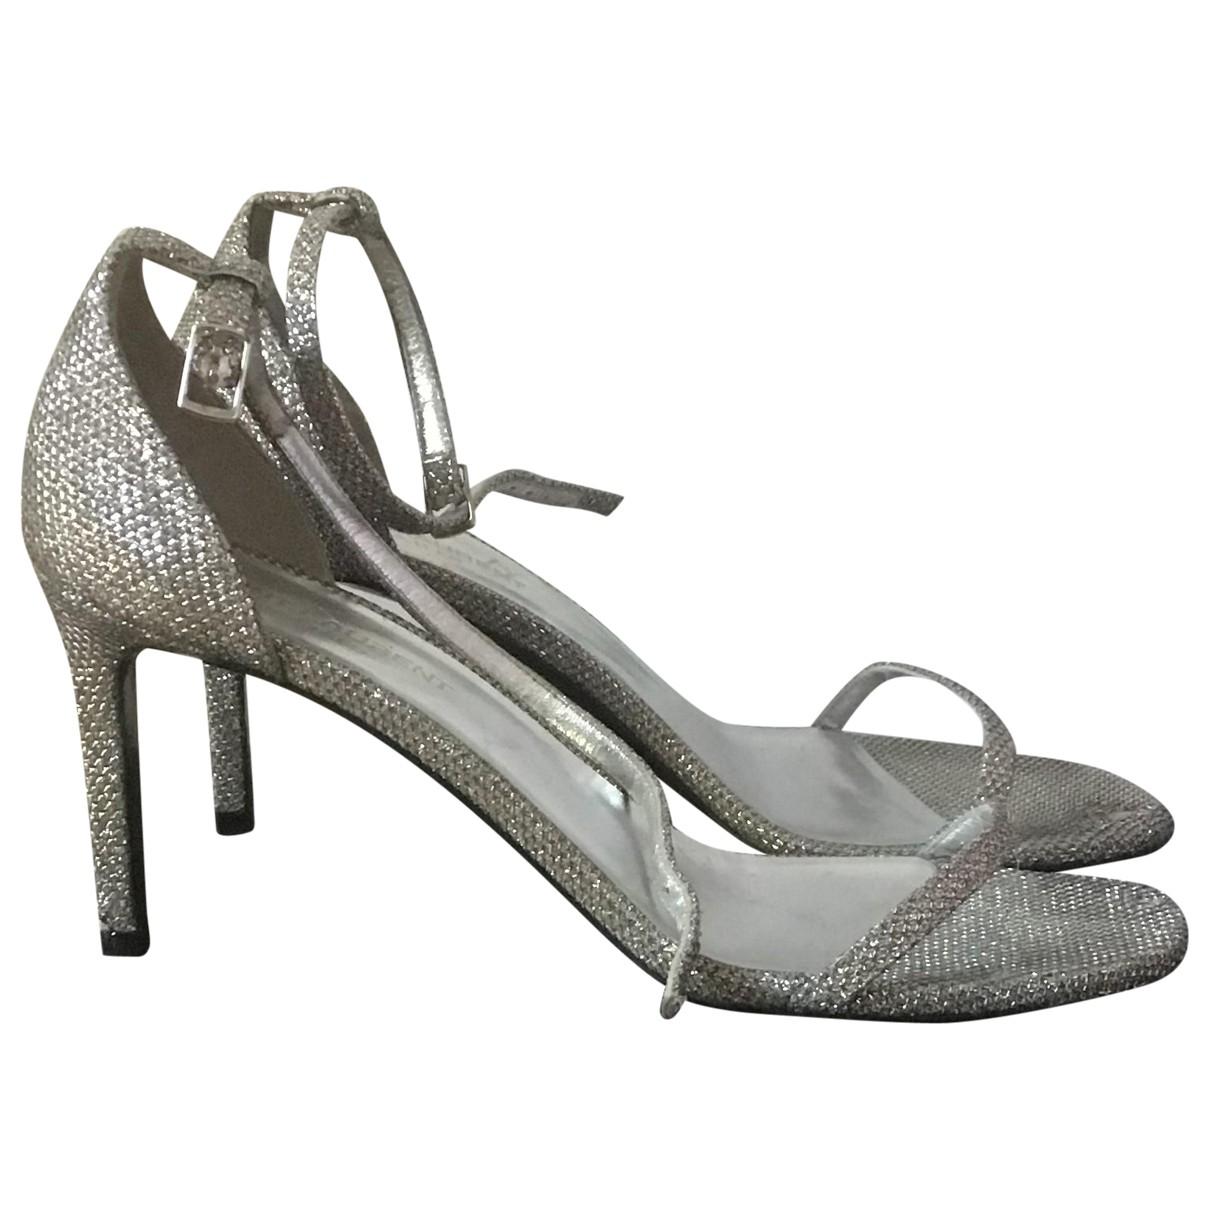 Saint Laurent \N Silver Cloth Sandals for Women 38 EU